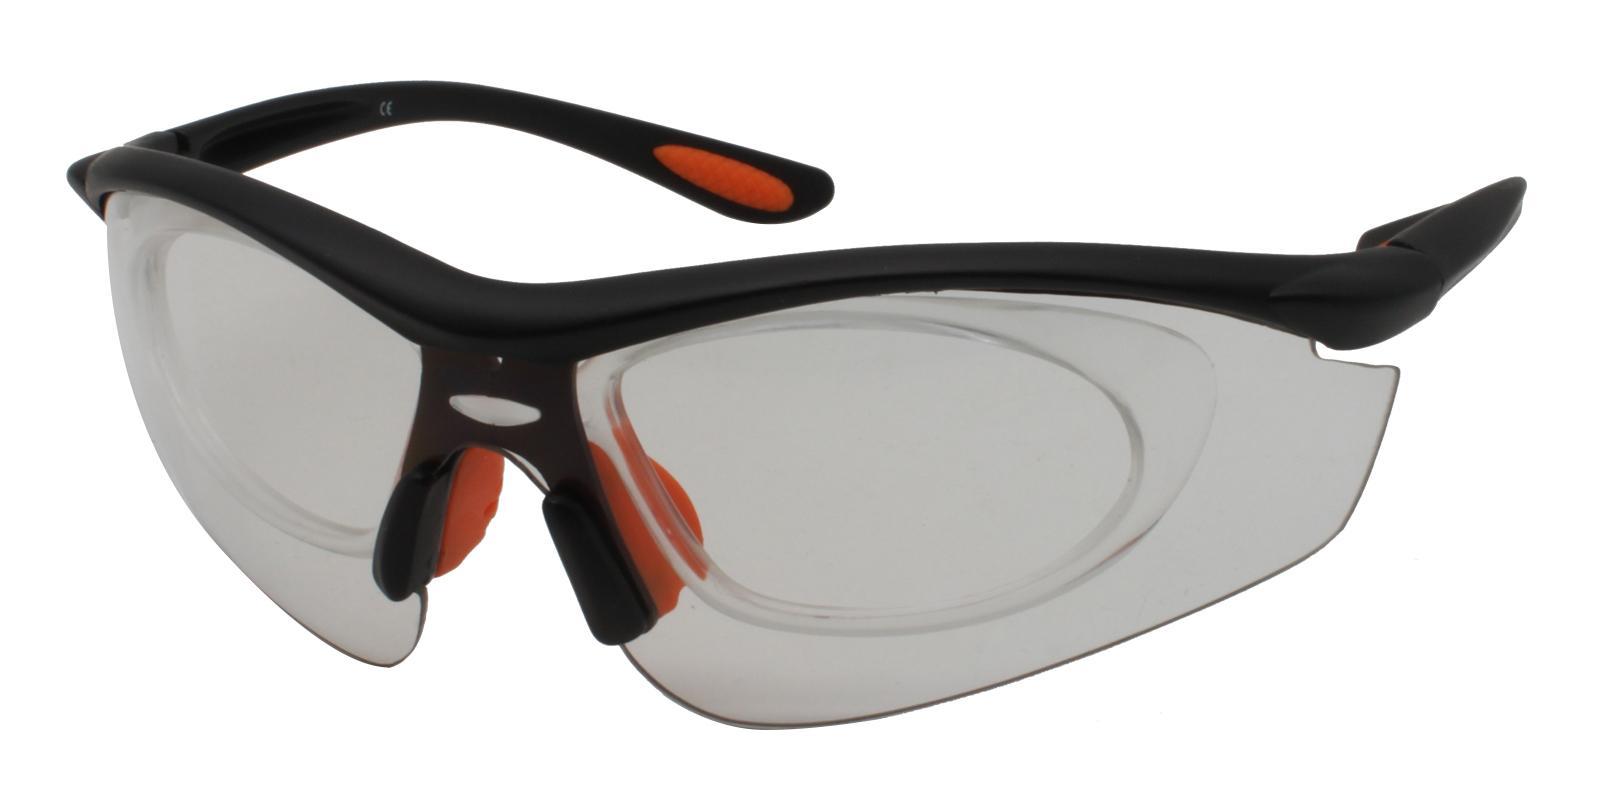 Gustavus Translucent Plastic NosePads , SportsGlasses Frames from ABBE Glasses